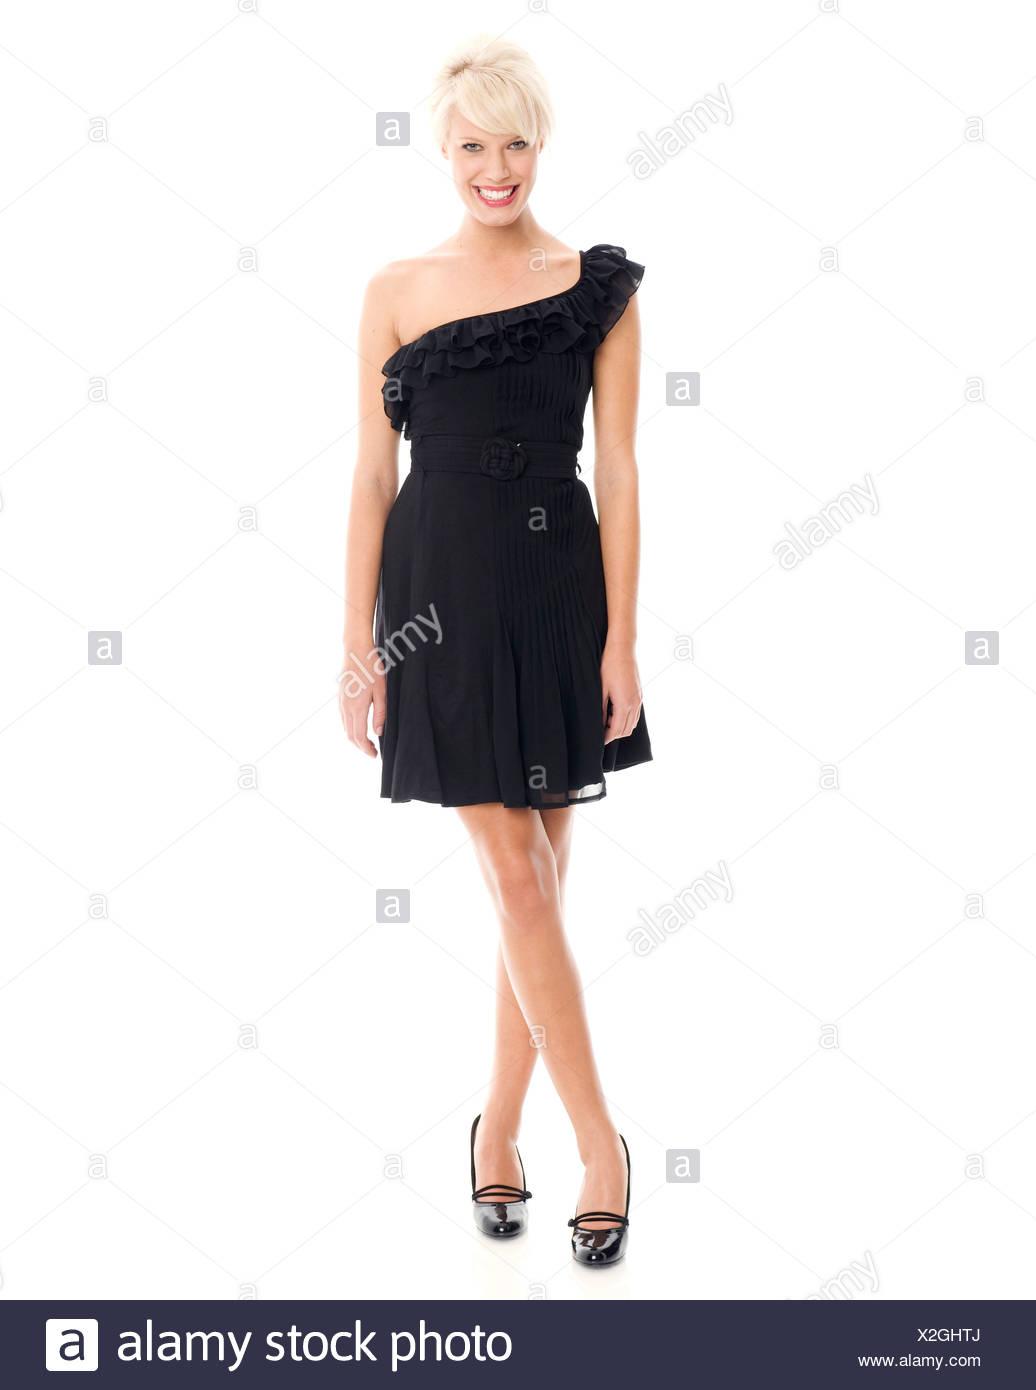 Mujeres Vistiendo Un Reborde Pequeño Vestido Negro Con